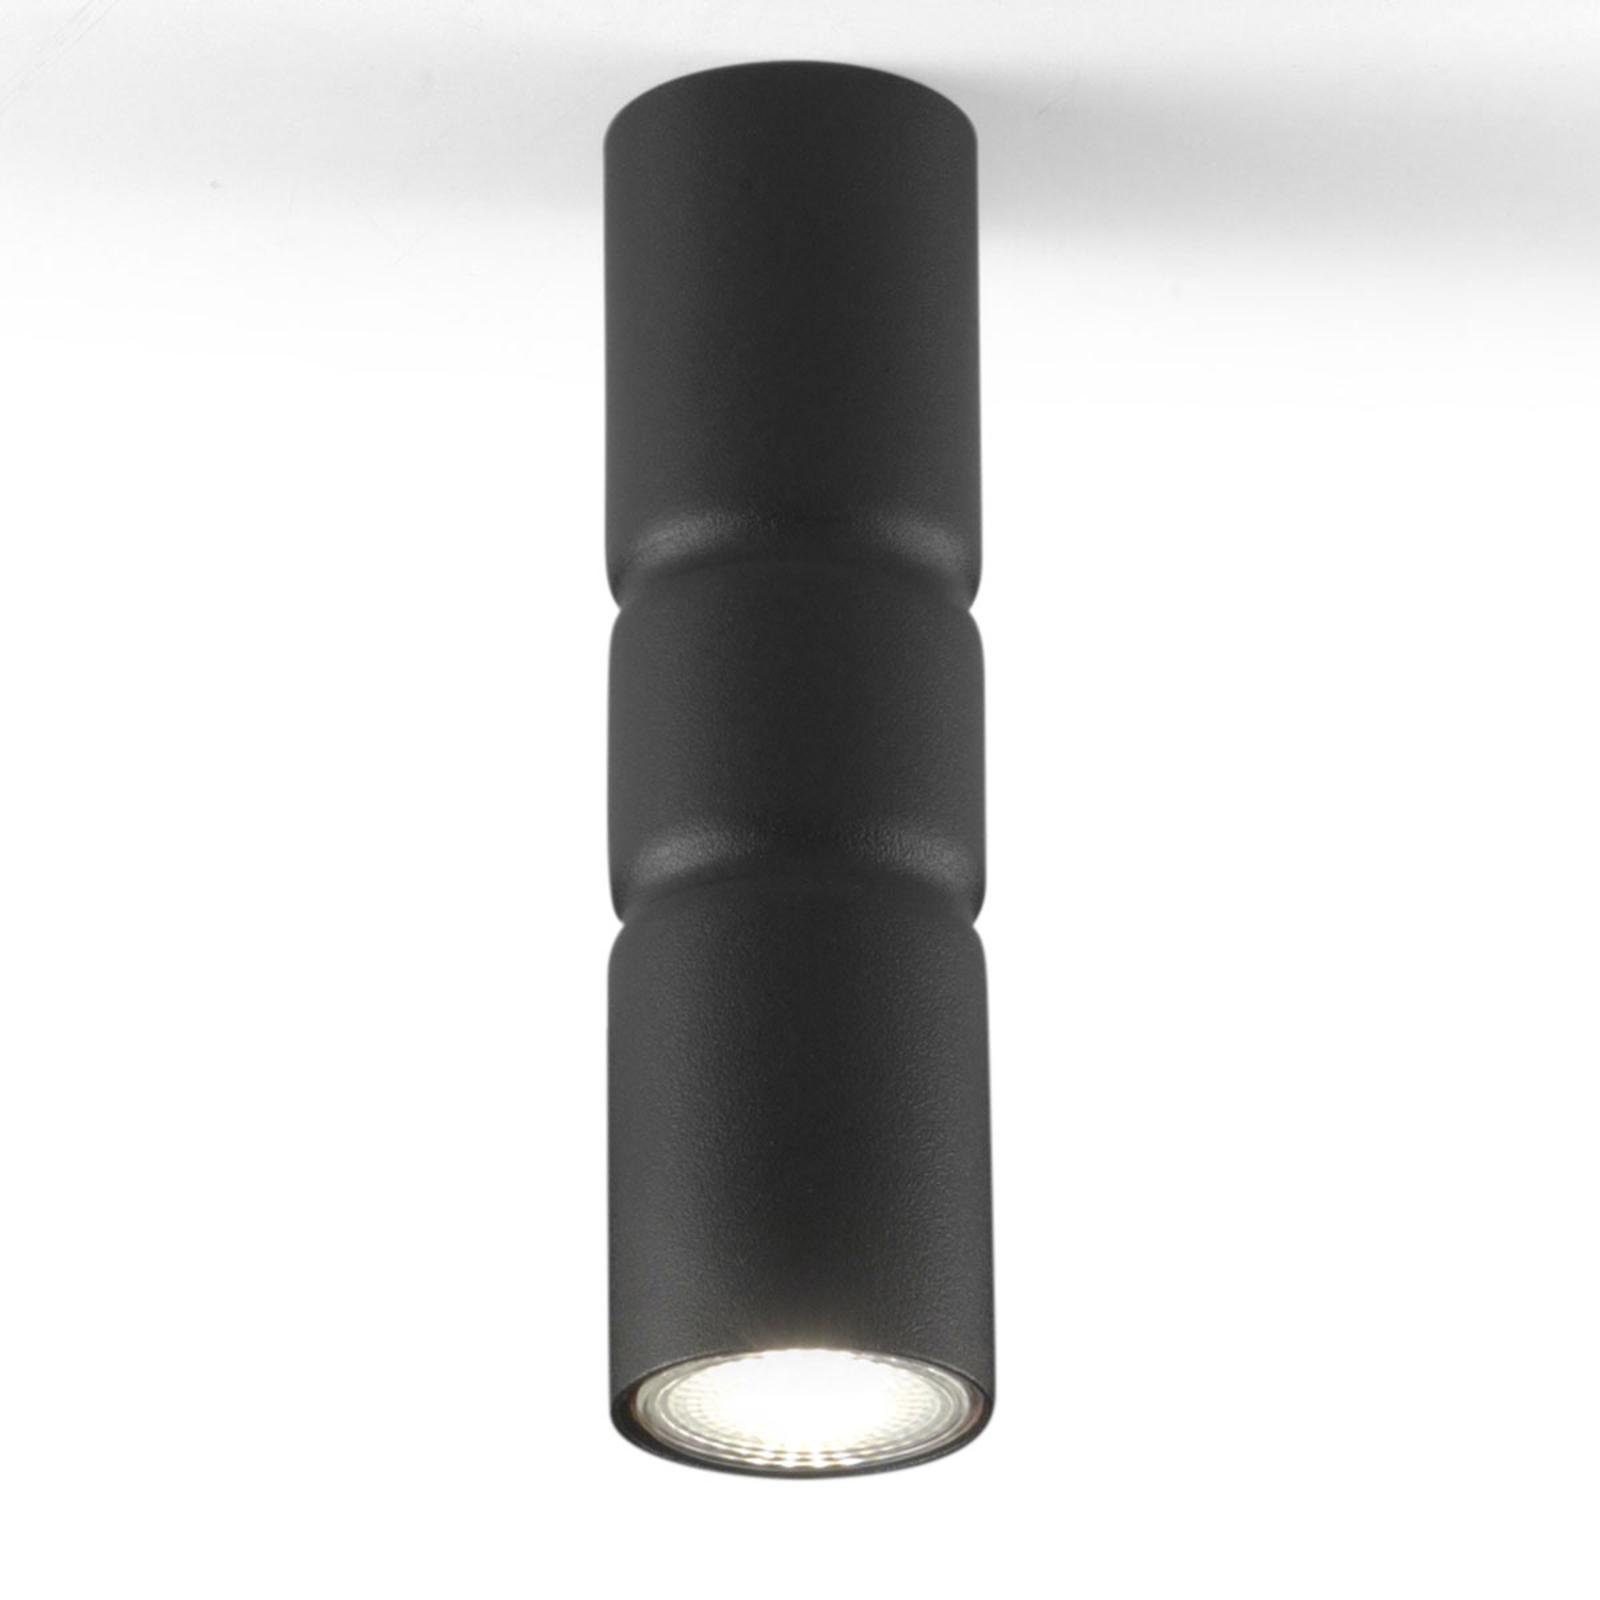 Lampa sufitowa Turbo, stała, czarna